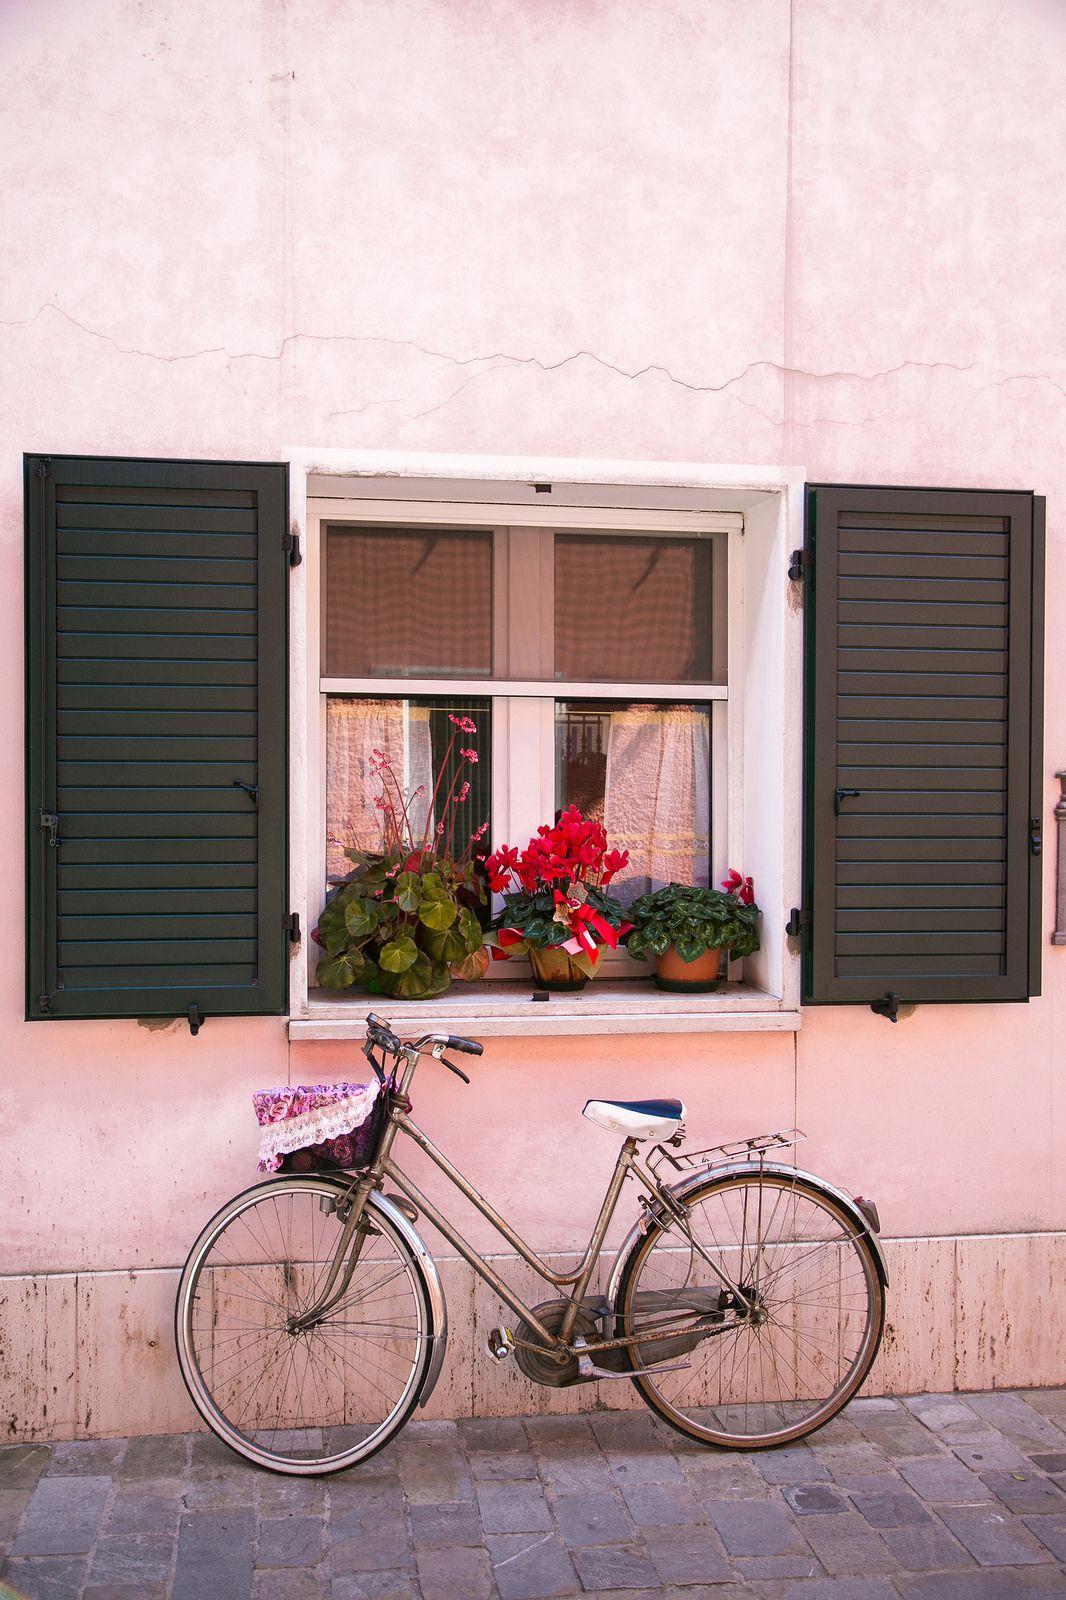 Чезенатико   фотограф в Римини   Natalia Reznichenko Photography фотограф в Римини, блог об Эмилии Романье